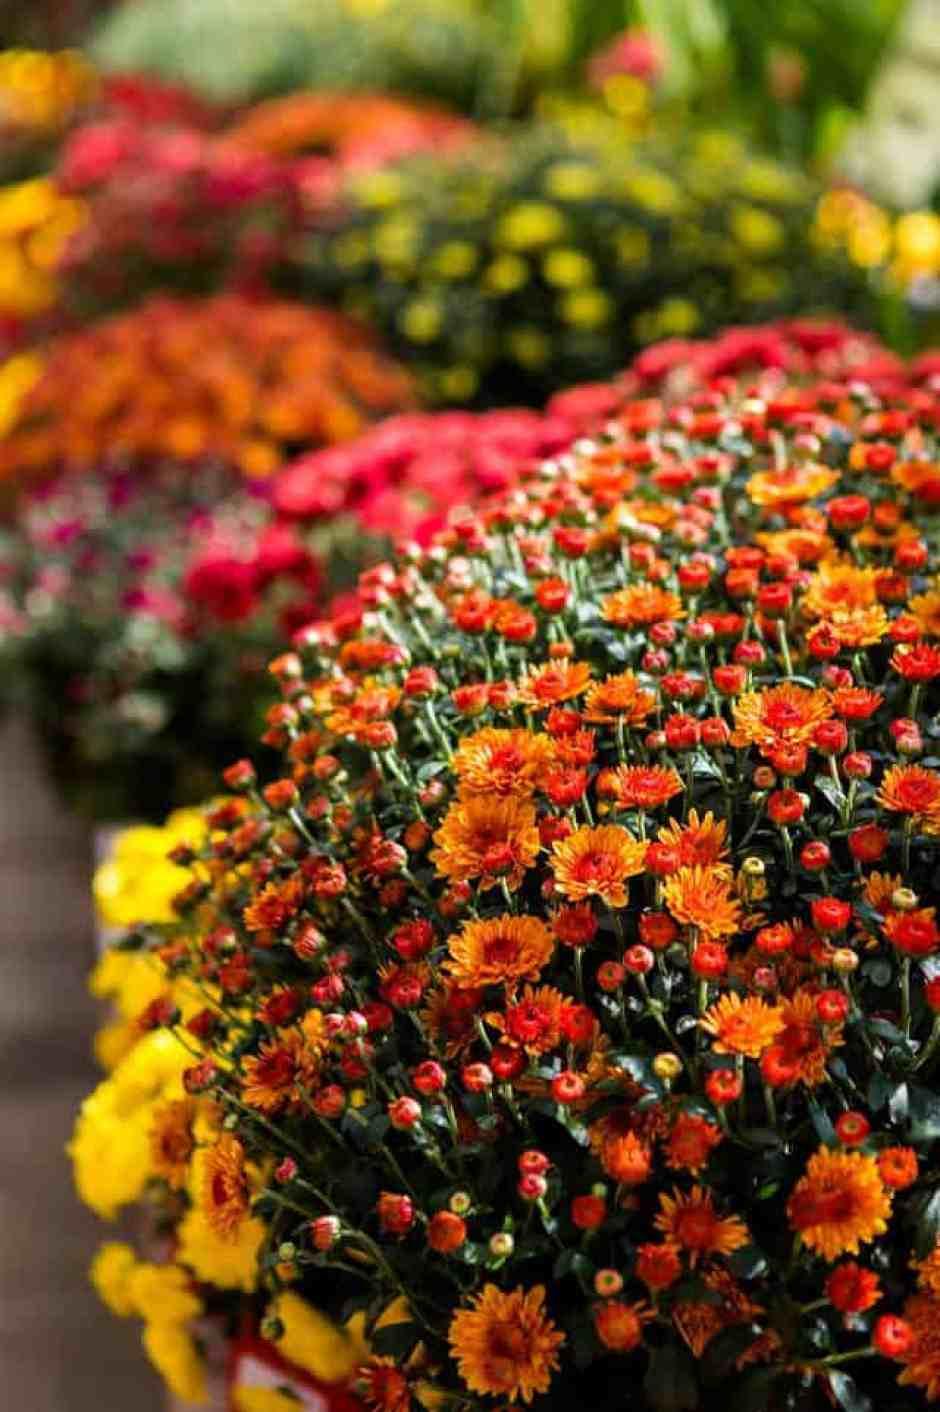 Crisantemi, i fiori autunnali